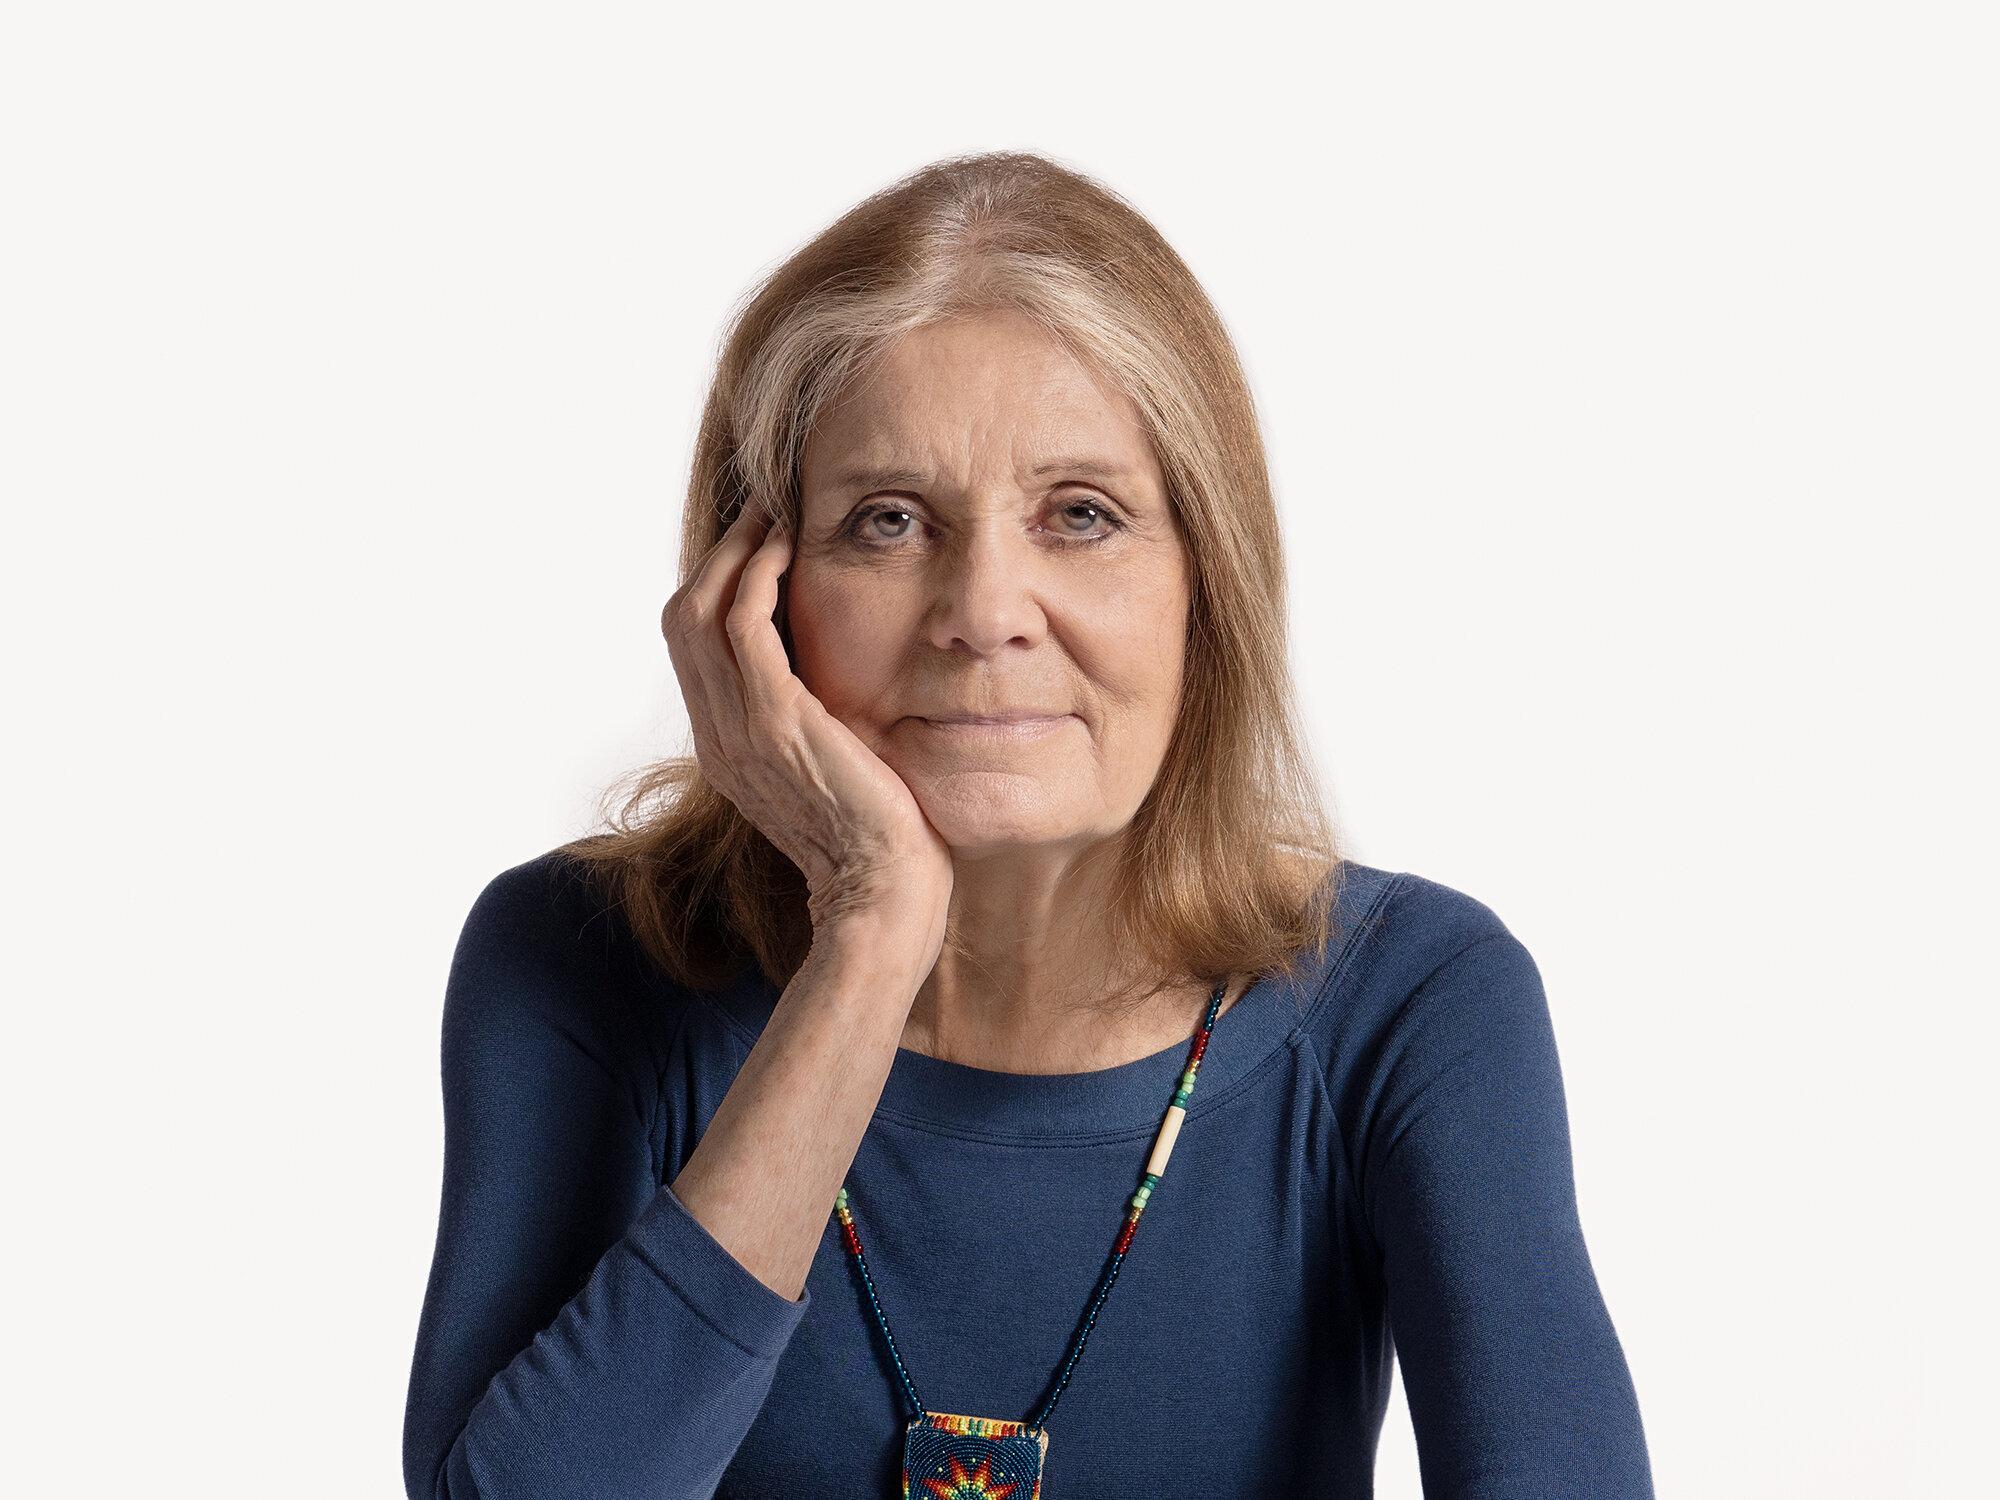 格洛丽亚·斯泰纳姆